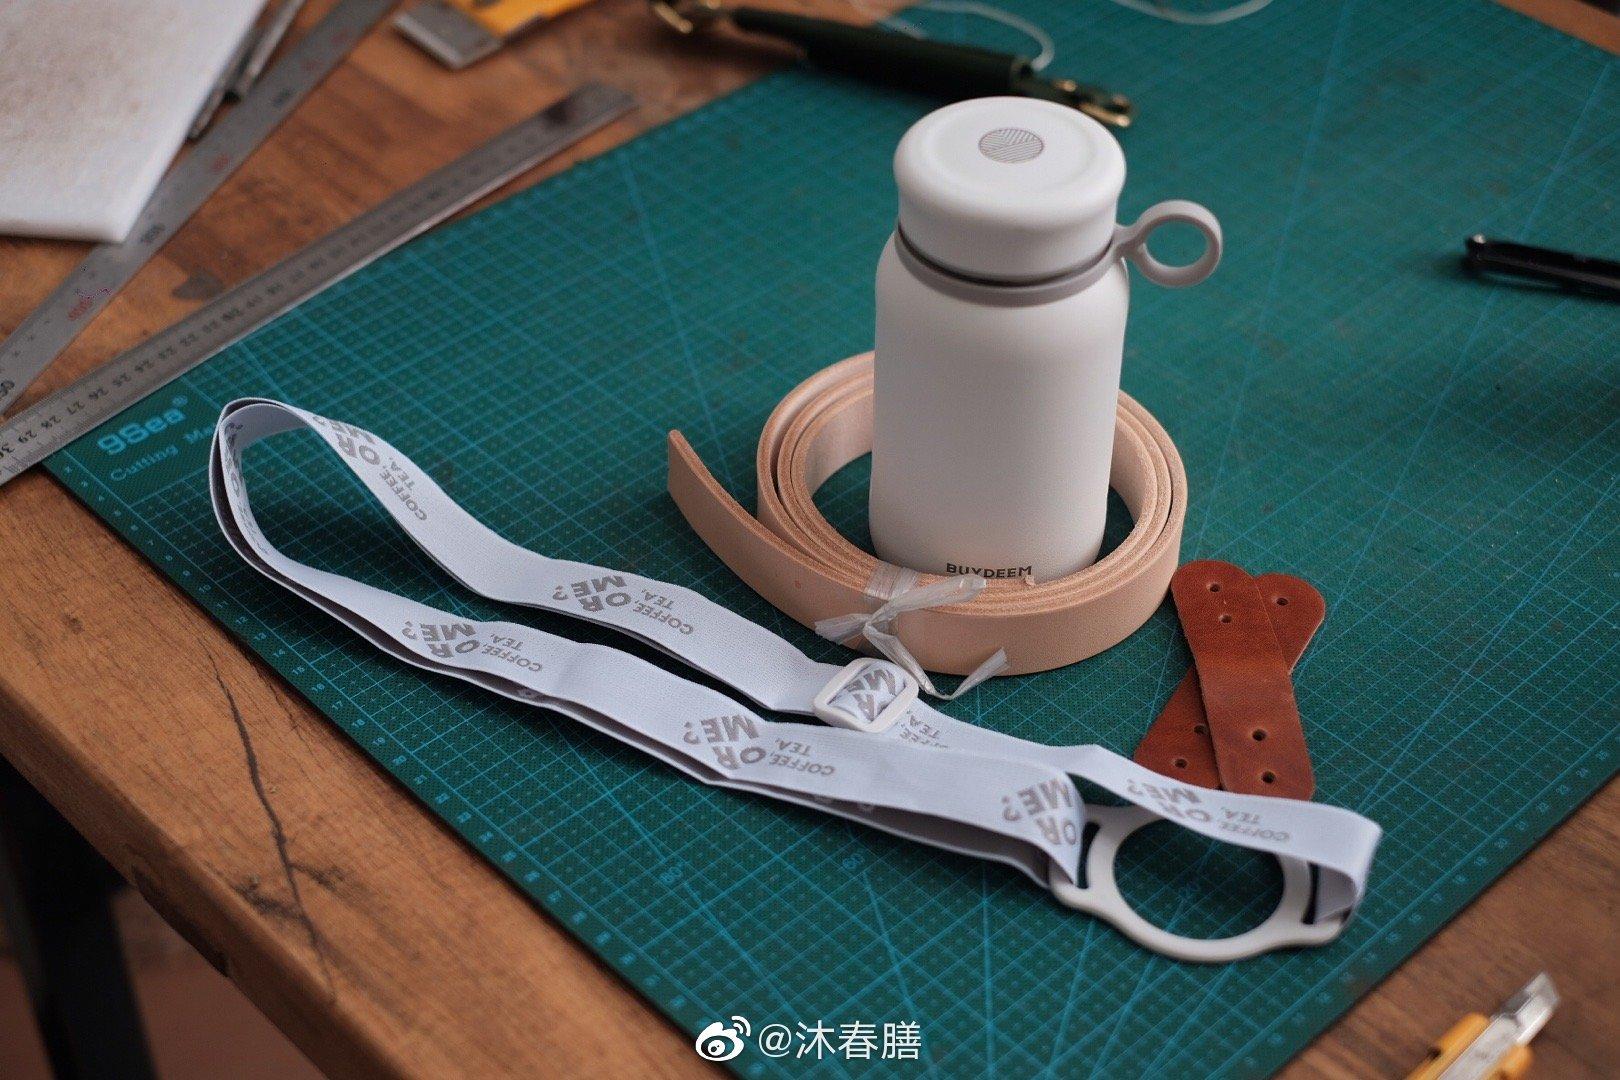 北鼎保温杯的背带加强版,虽然很无聊的一个工具,但是很好玩啊